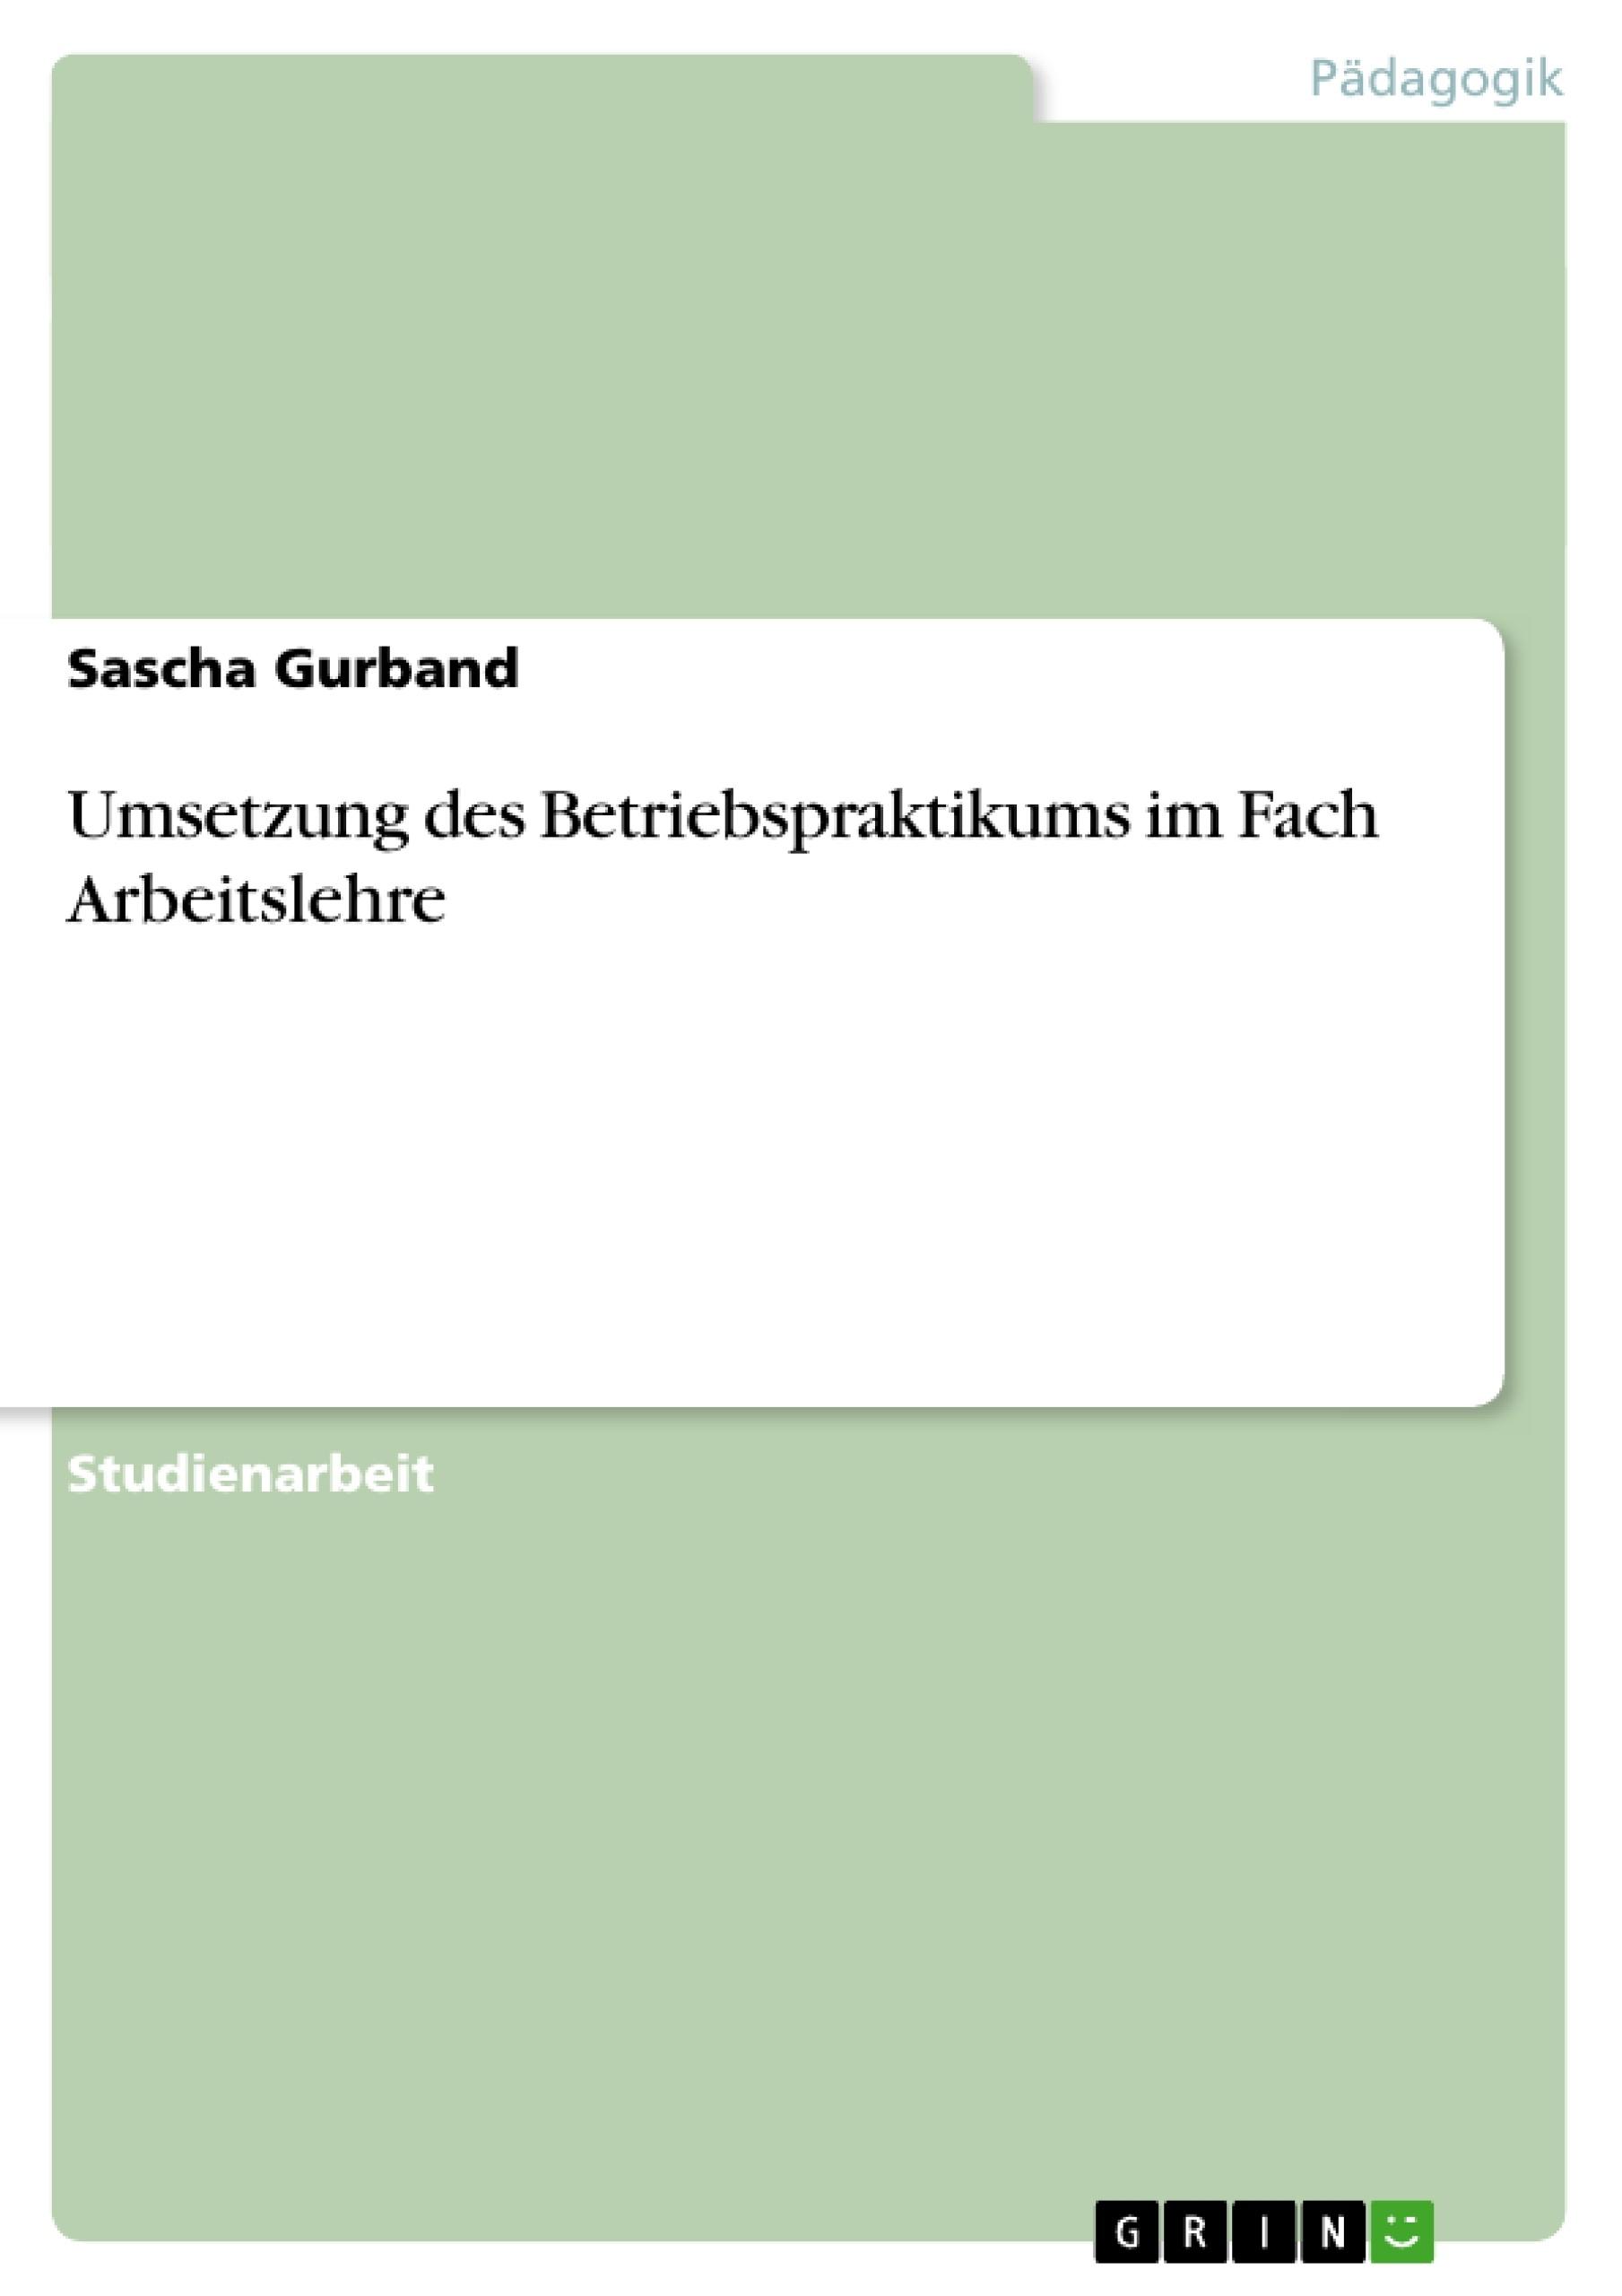 Titel: Umsetzung des Betriebspraktikums im Fach Arbeitslehre